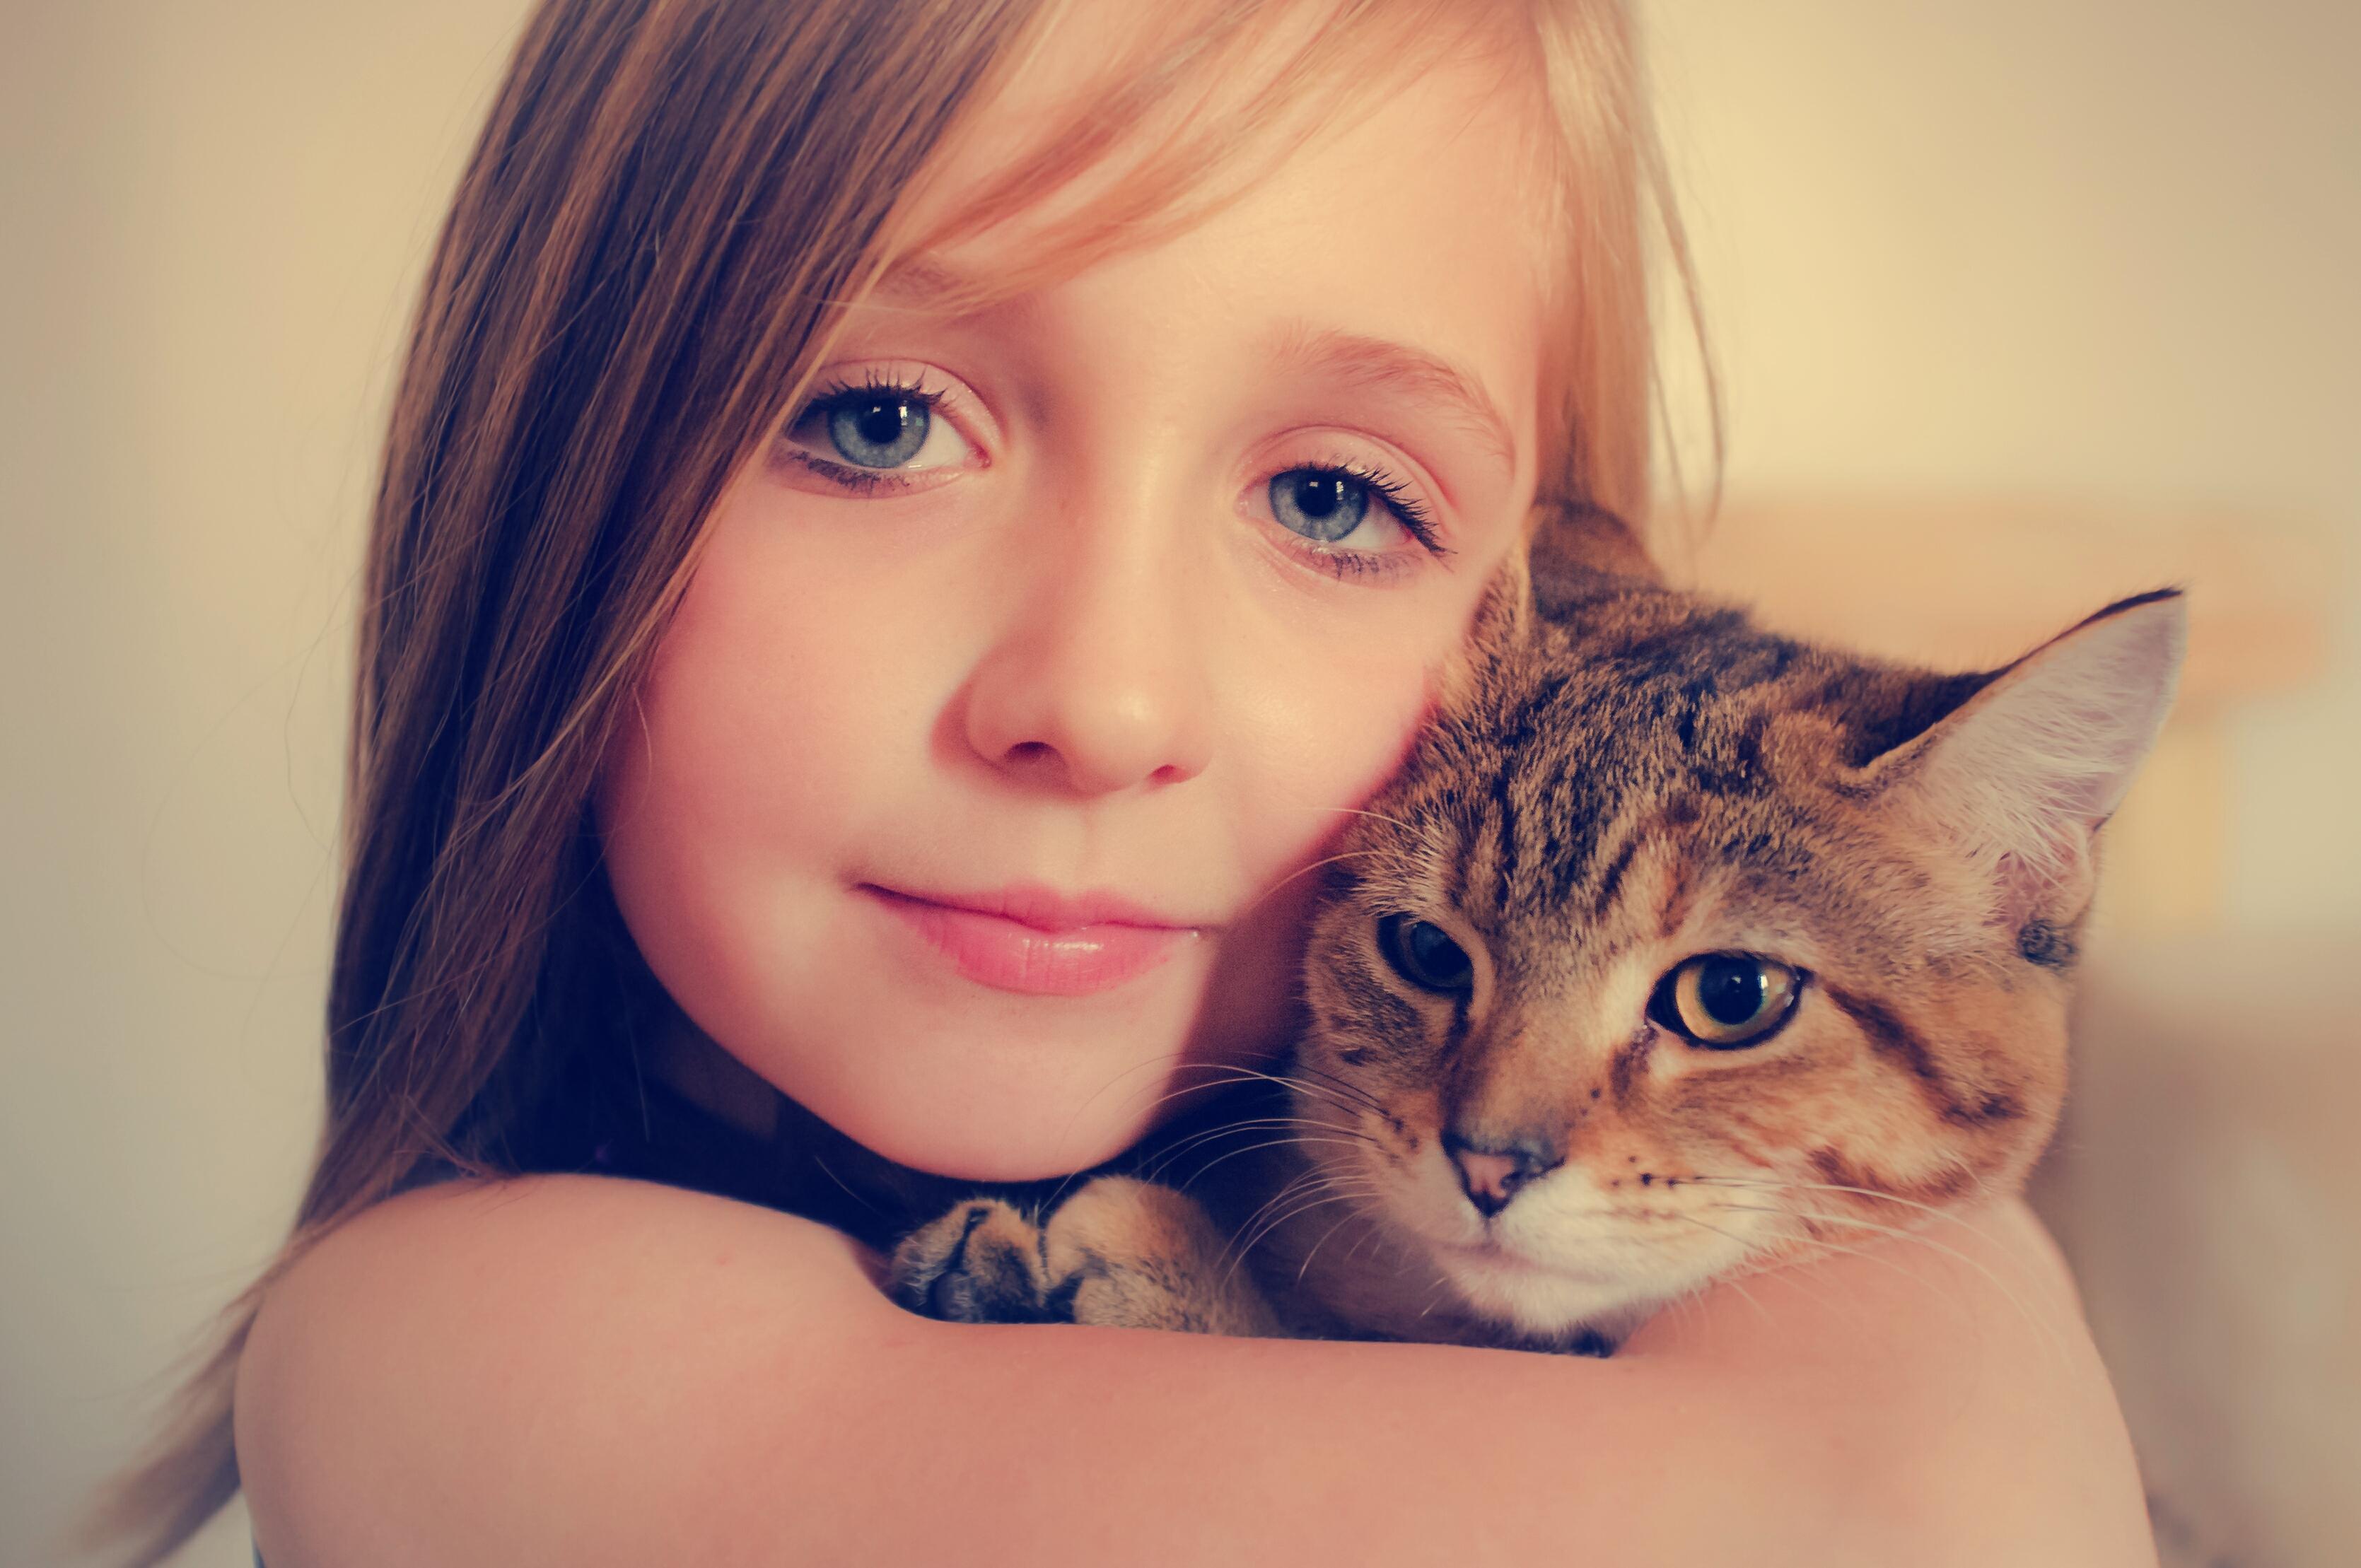 Niñas abrazando a gatos - 3339x2218